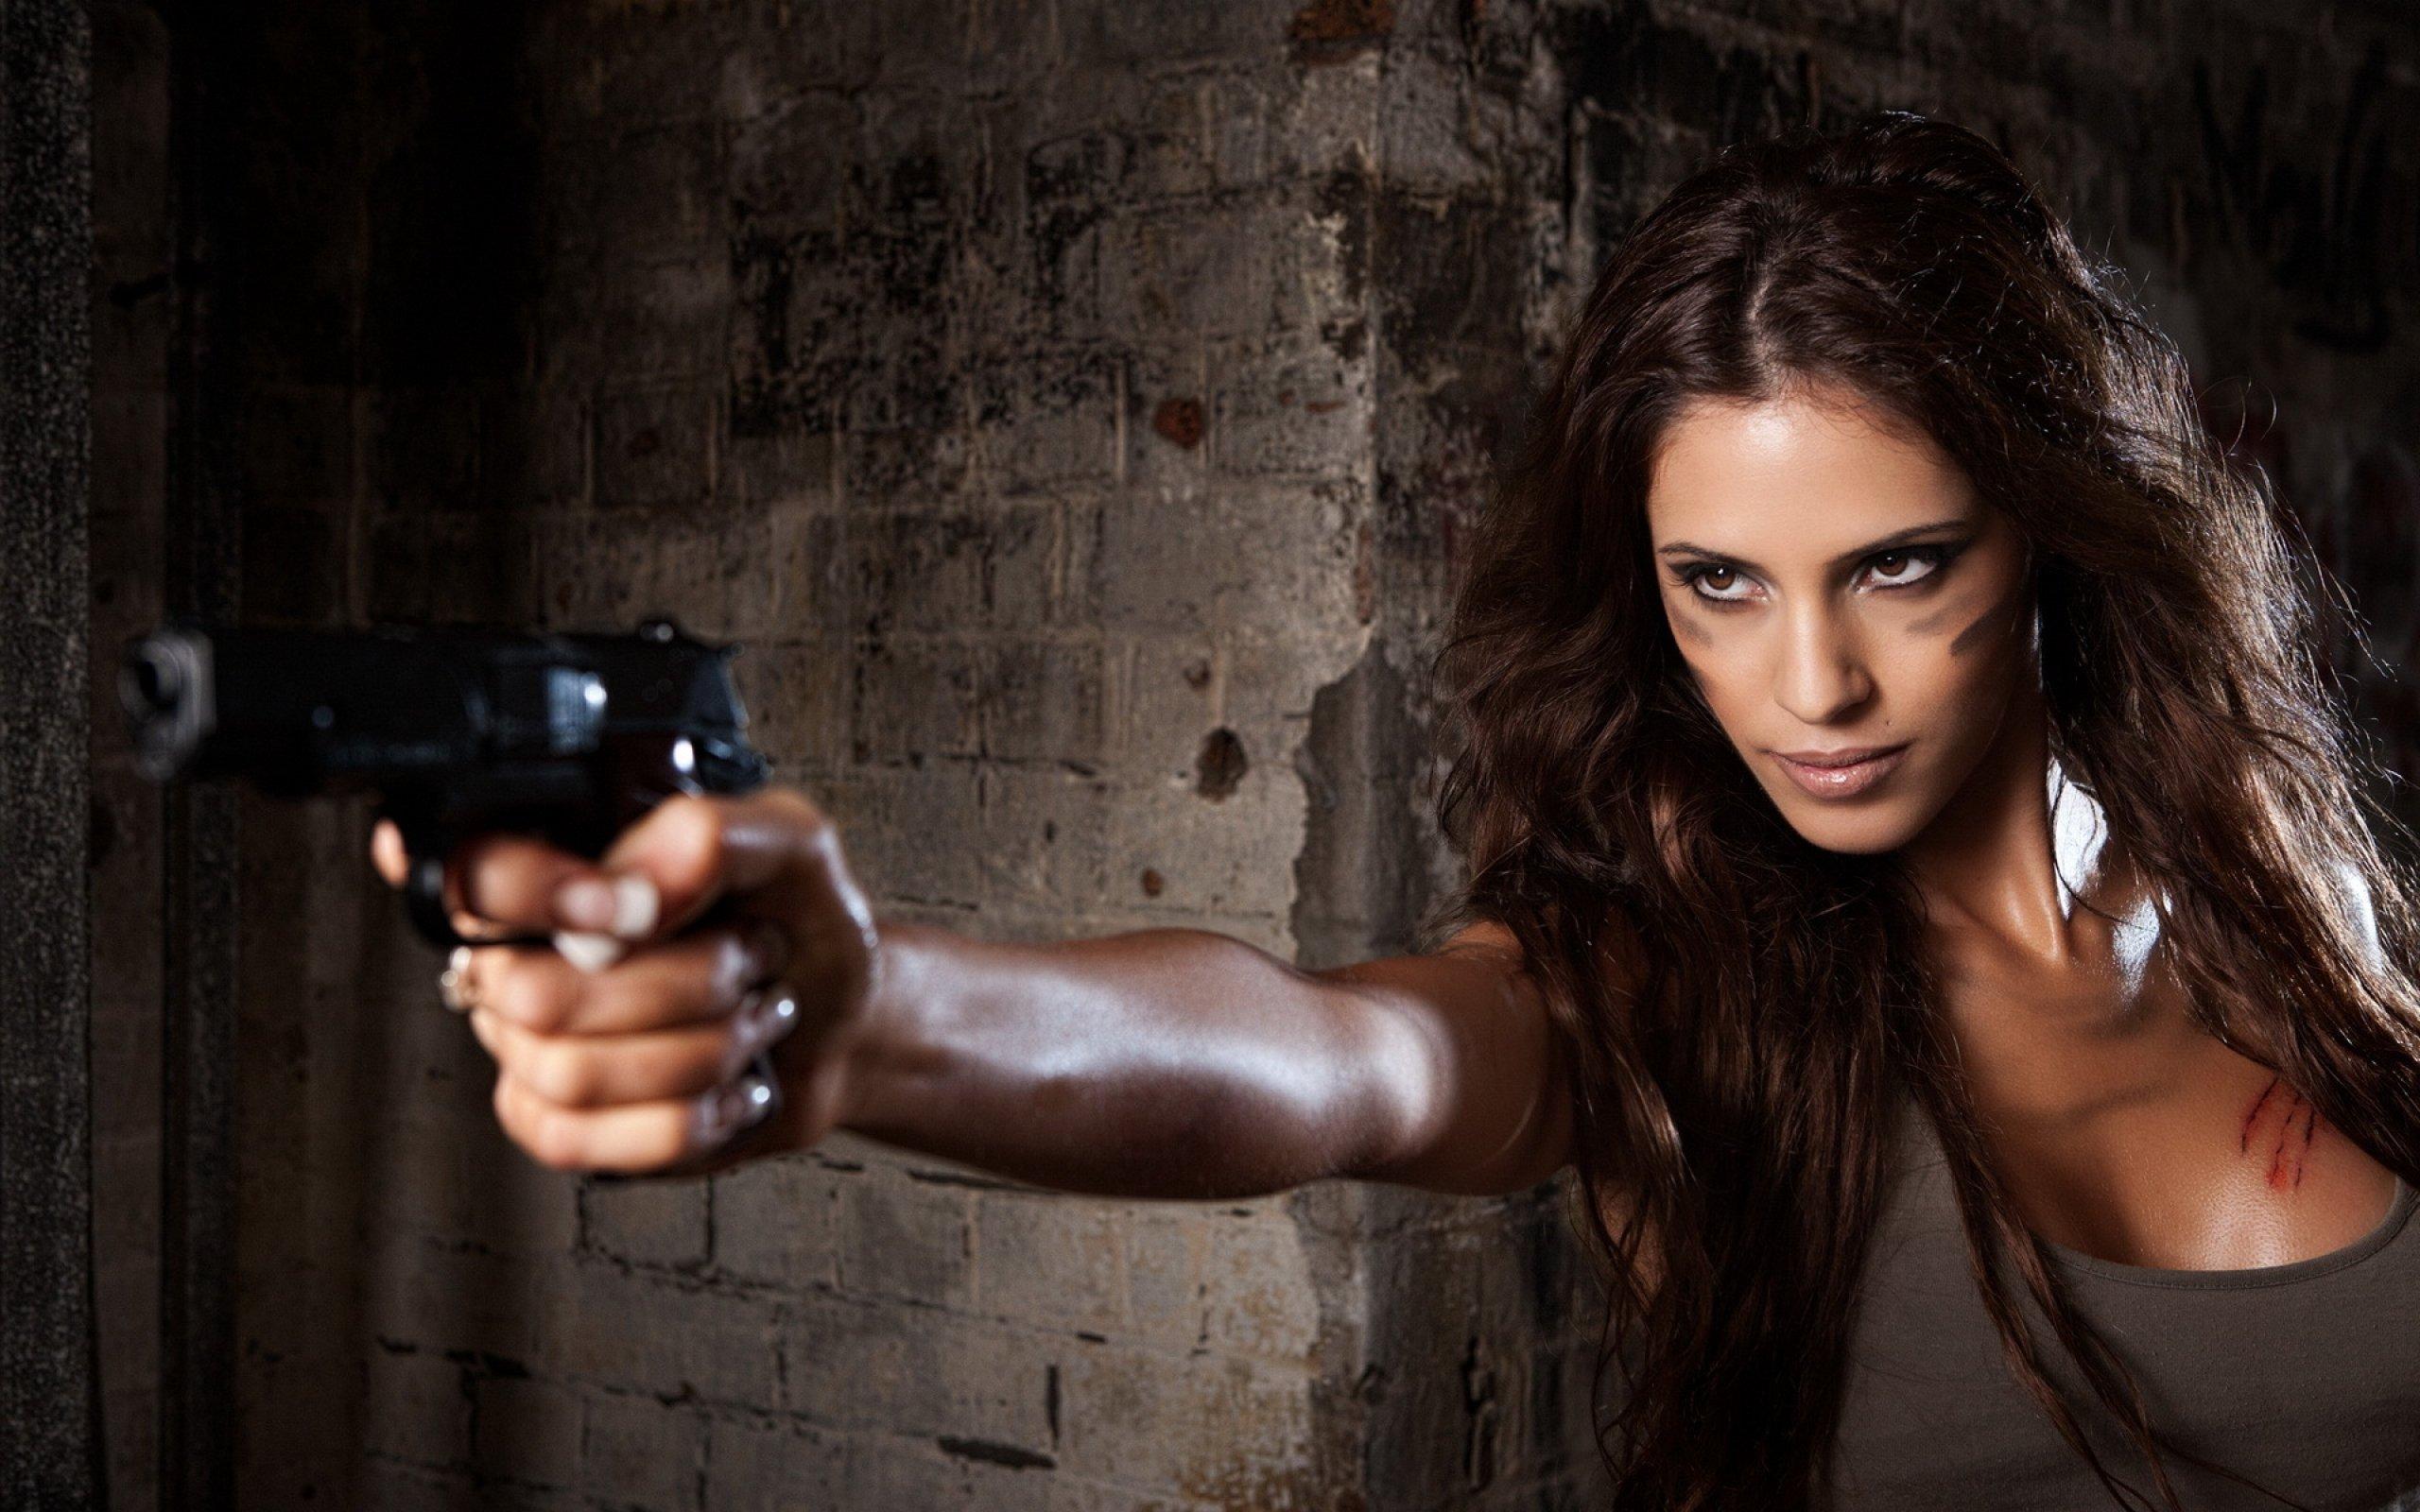 Фотосессии девушек с пистолетом 2 фотография